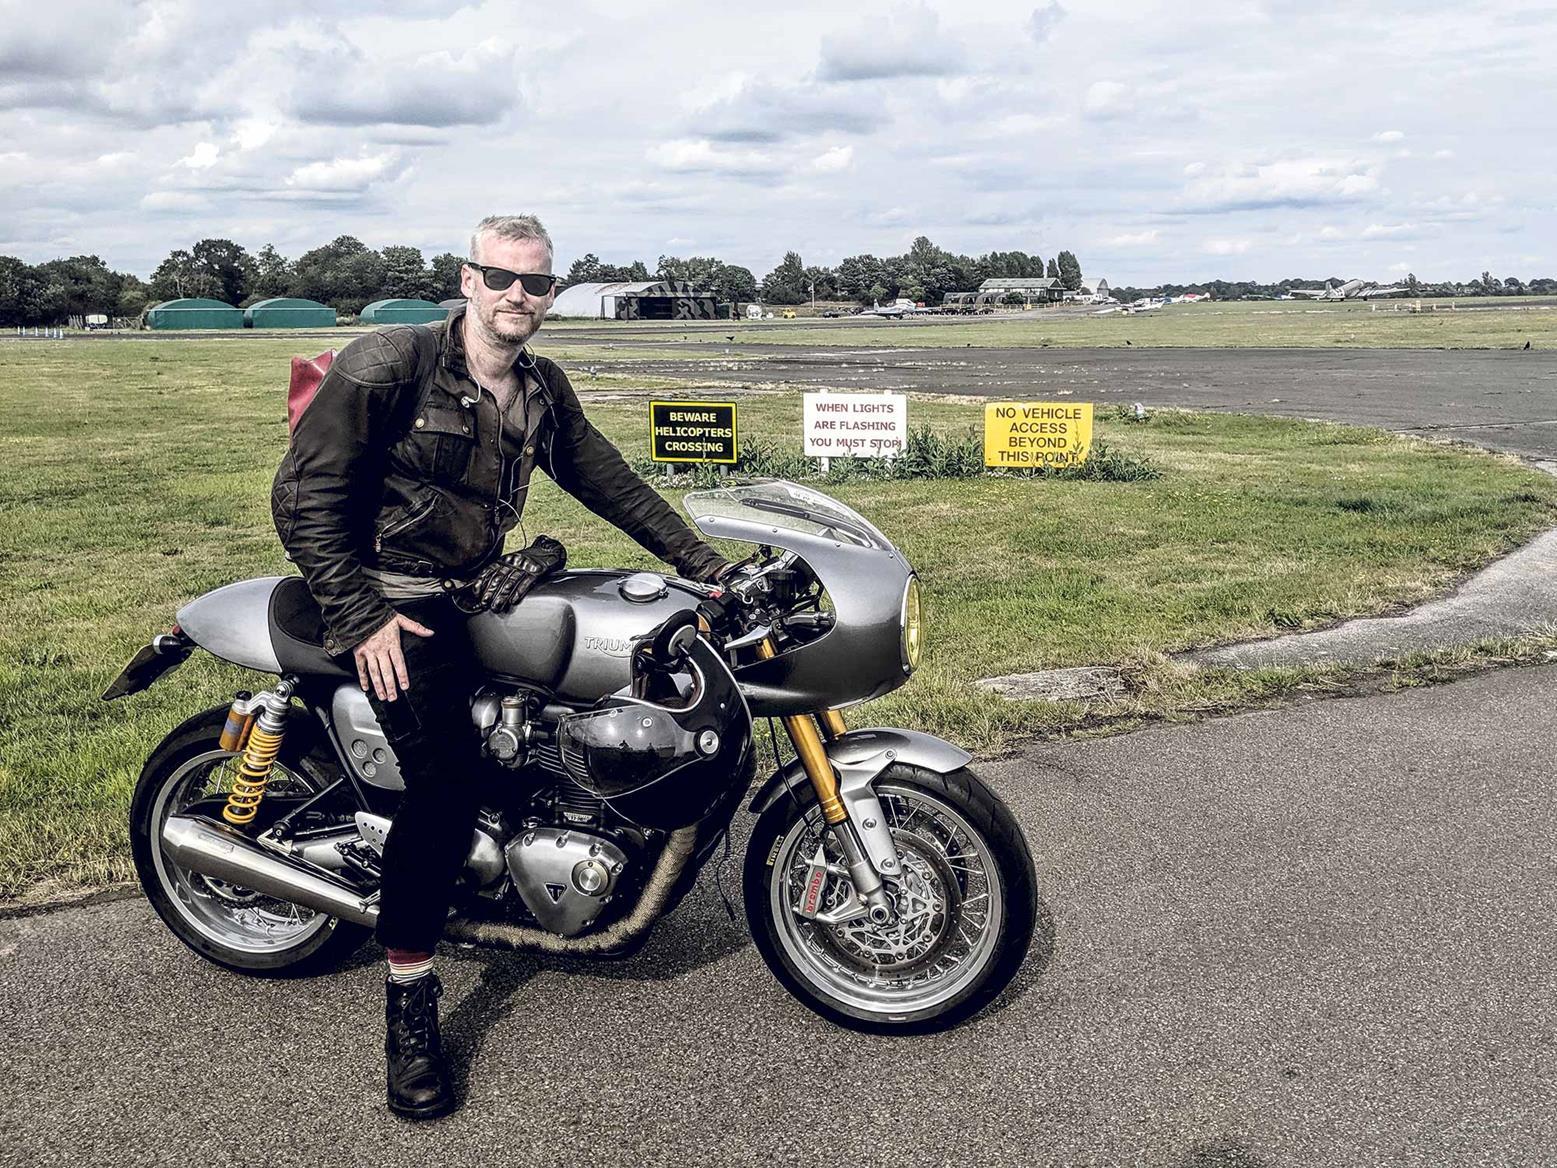 Sam Beech loves his Triumph Thruxton R